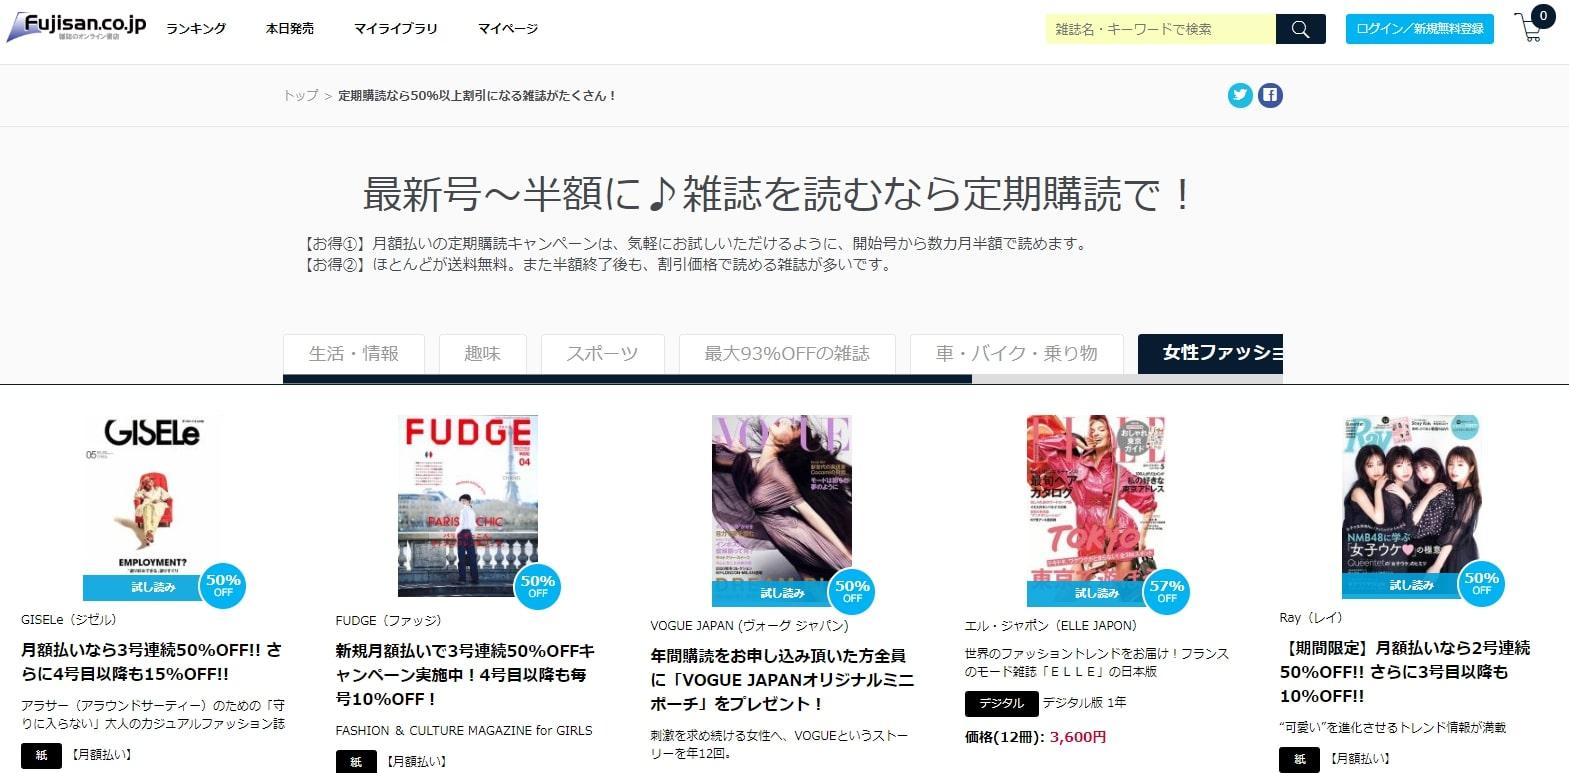 雑誌の定期購読ならFujisan.co.jp